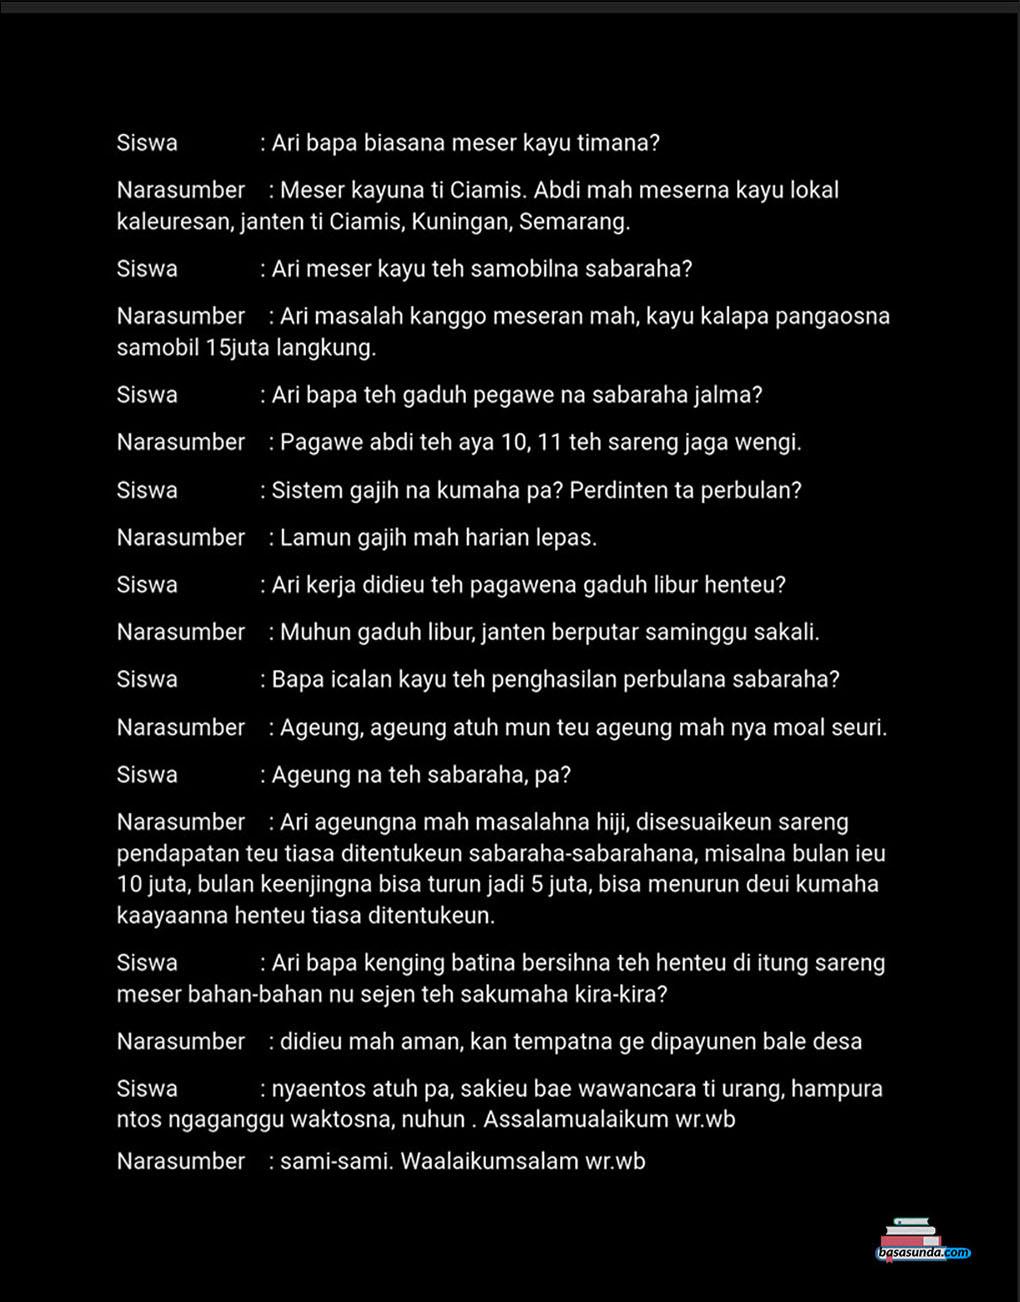 Contoh Gambar Susunan Makalah Hasil Wawancara Bahasa Sunda Kata Mutiara